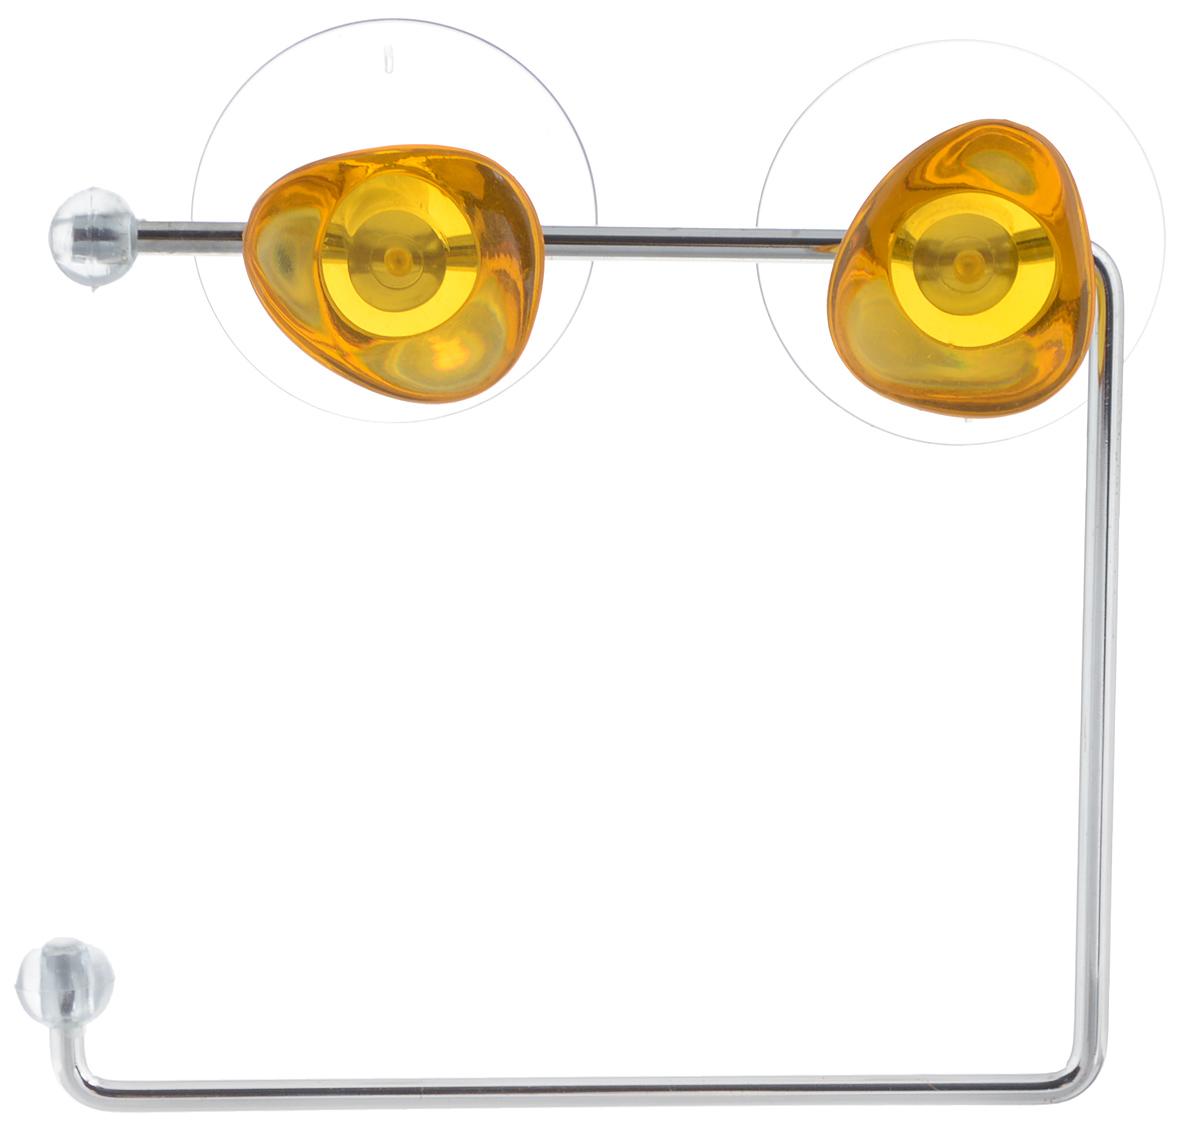 Держатель для туалетной бумаги Axentia Amica, на присосках, цвет: желтый, стальной282032_желтыйДержатель для туалетной бумаги Axentia Amica изготовлен из высококачественной стали с хромированным покрытием, которое устойчиво к влажности и перепадам температуры. Держатель поможет оформить интерьер в выбранном стиле, разбавляя пространство туалетной комнаты различными элементами. Он хорошо впишется в любой интерьер, придавая ему черты современности. Для большего удобства изделие крепится к поверхностям с помощью двух присосок из поливинилхлорида (входят в комплект), что дает возможность при необходимости менять их месторасположение. Размер держателя: 14,5 х 12,5 х 4,5 см. Диаметр присоски: 5,5 см.